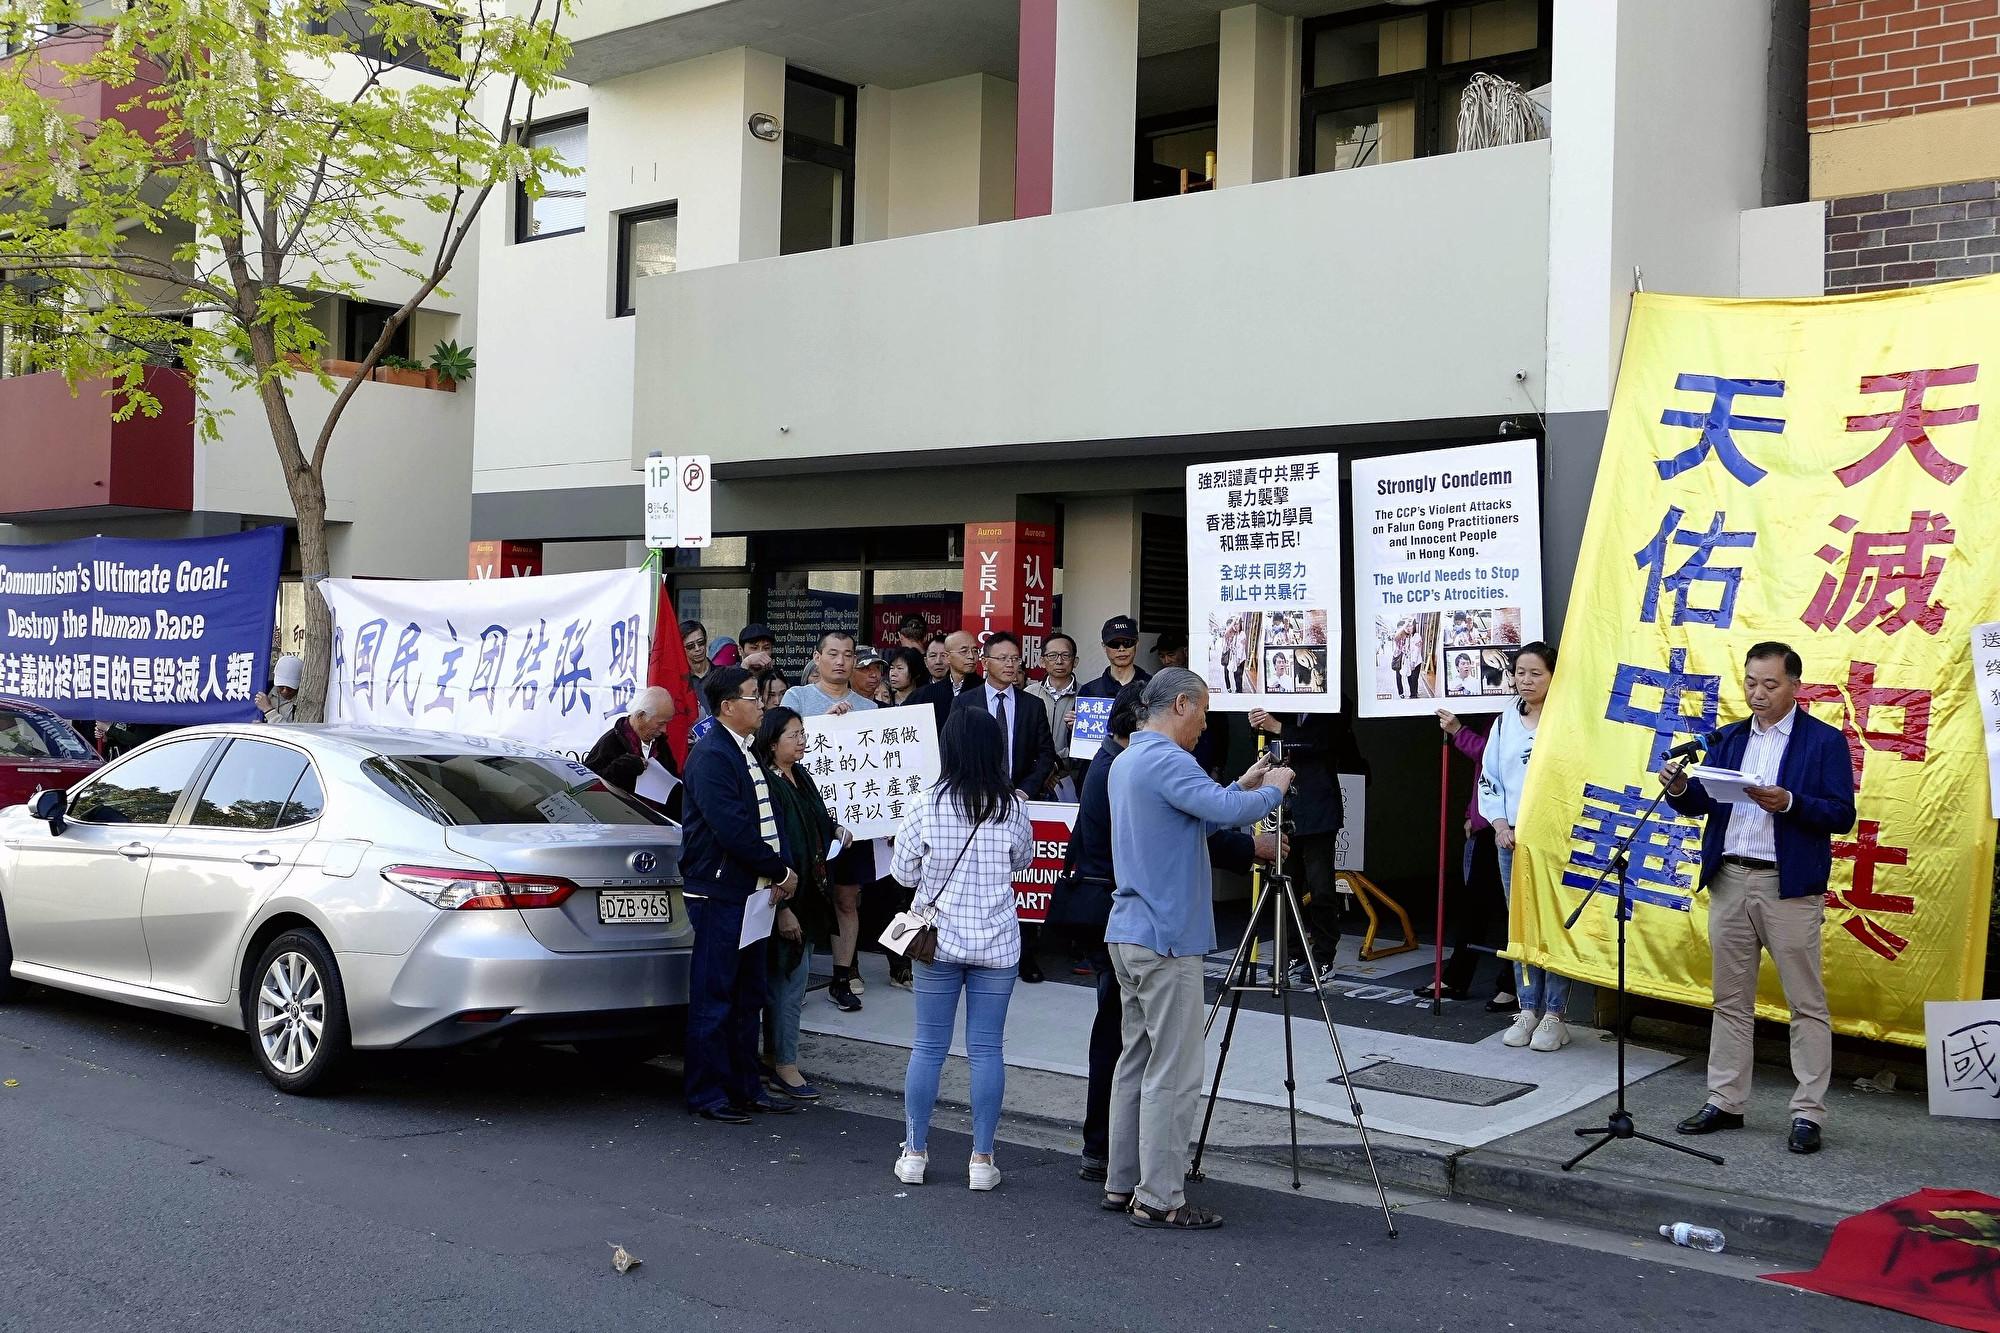 【9.29反極權】悉尼人中領館前悼國殤 為獨裁暴政送終